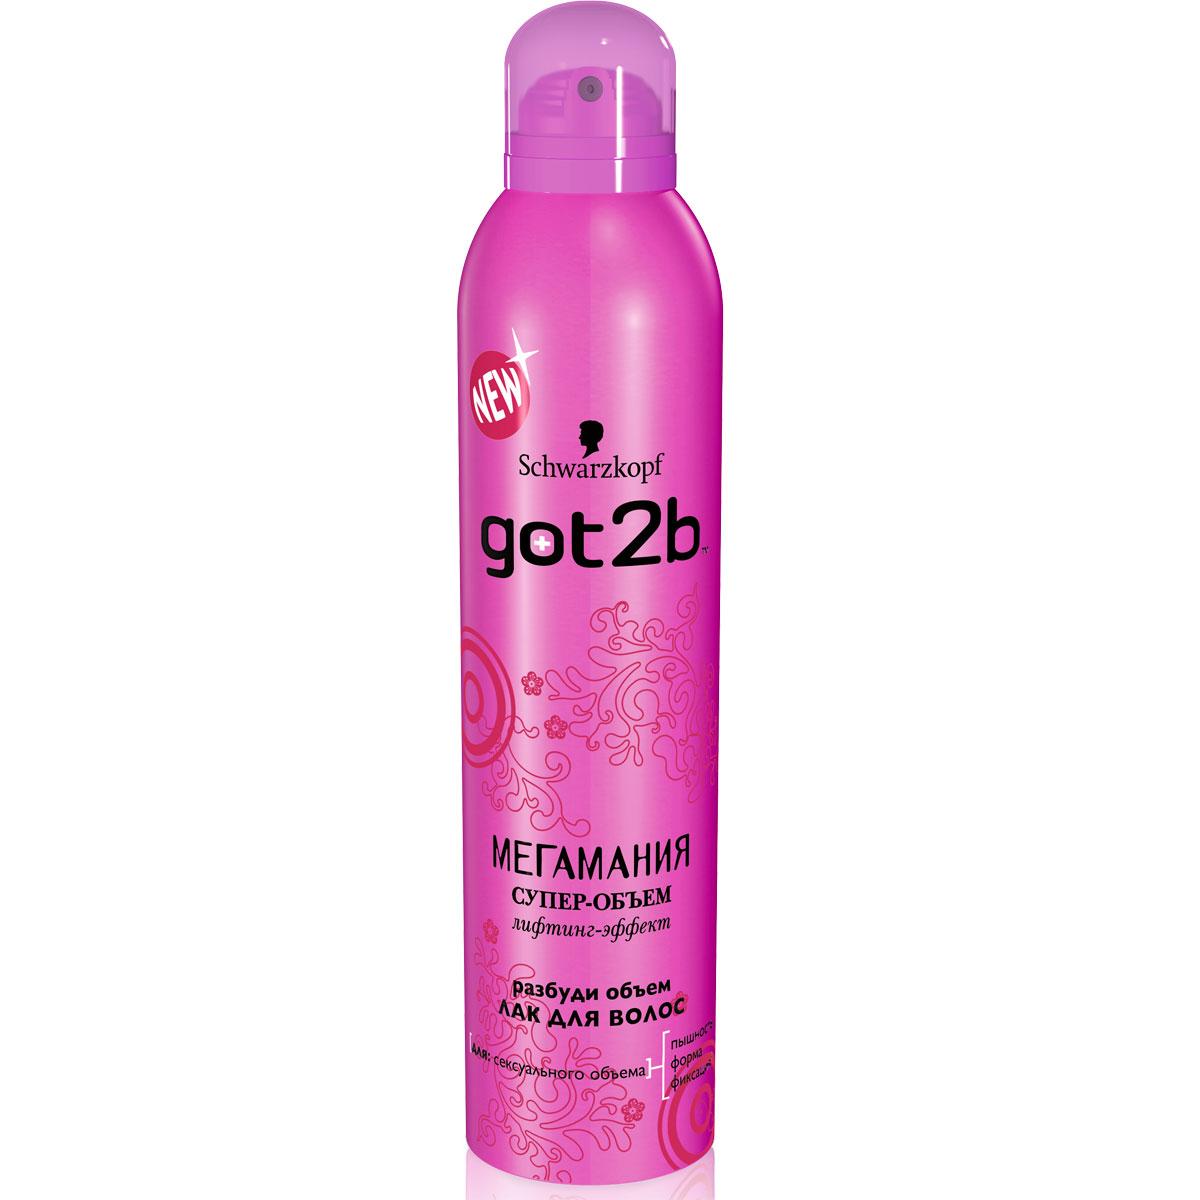 Got2b Лак для волос Мегамания, с ароматом малины, 300 мл9045015Лак для волос Got2b Мегамания с лифтинг-эффектом Коллаген подарит вашим волосам шикарный супер-объем. Лак не склеивает волосы и придает им пышность. С ароматом сладкой малины.Тебе остаетсятолько внимательно смотреть по сторонам, чтобы